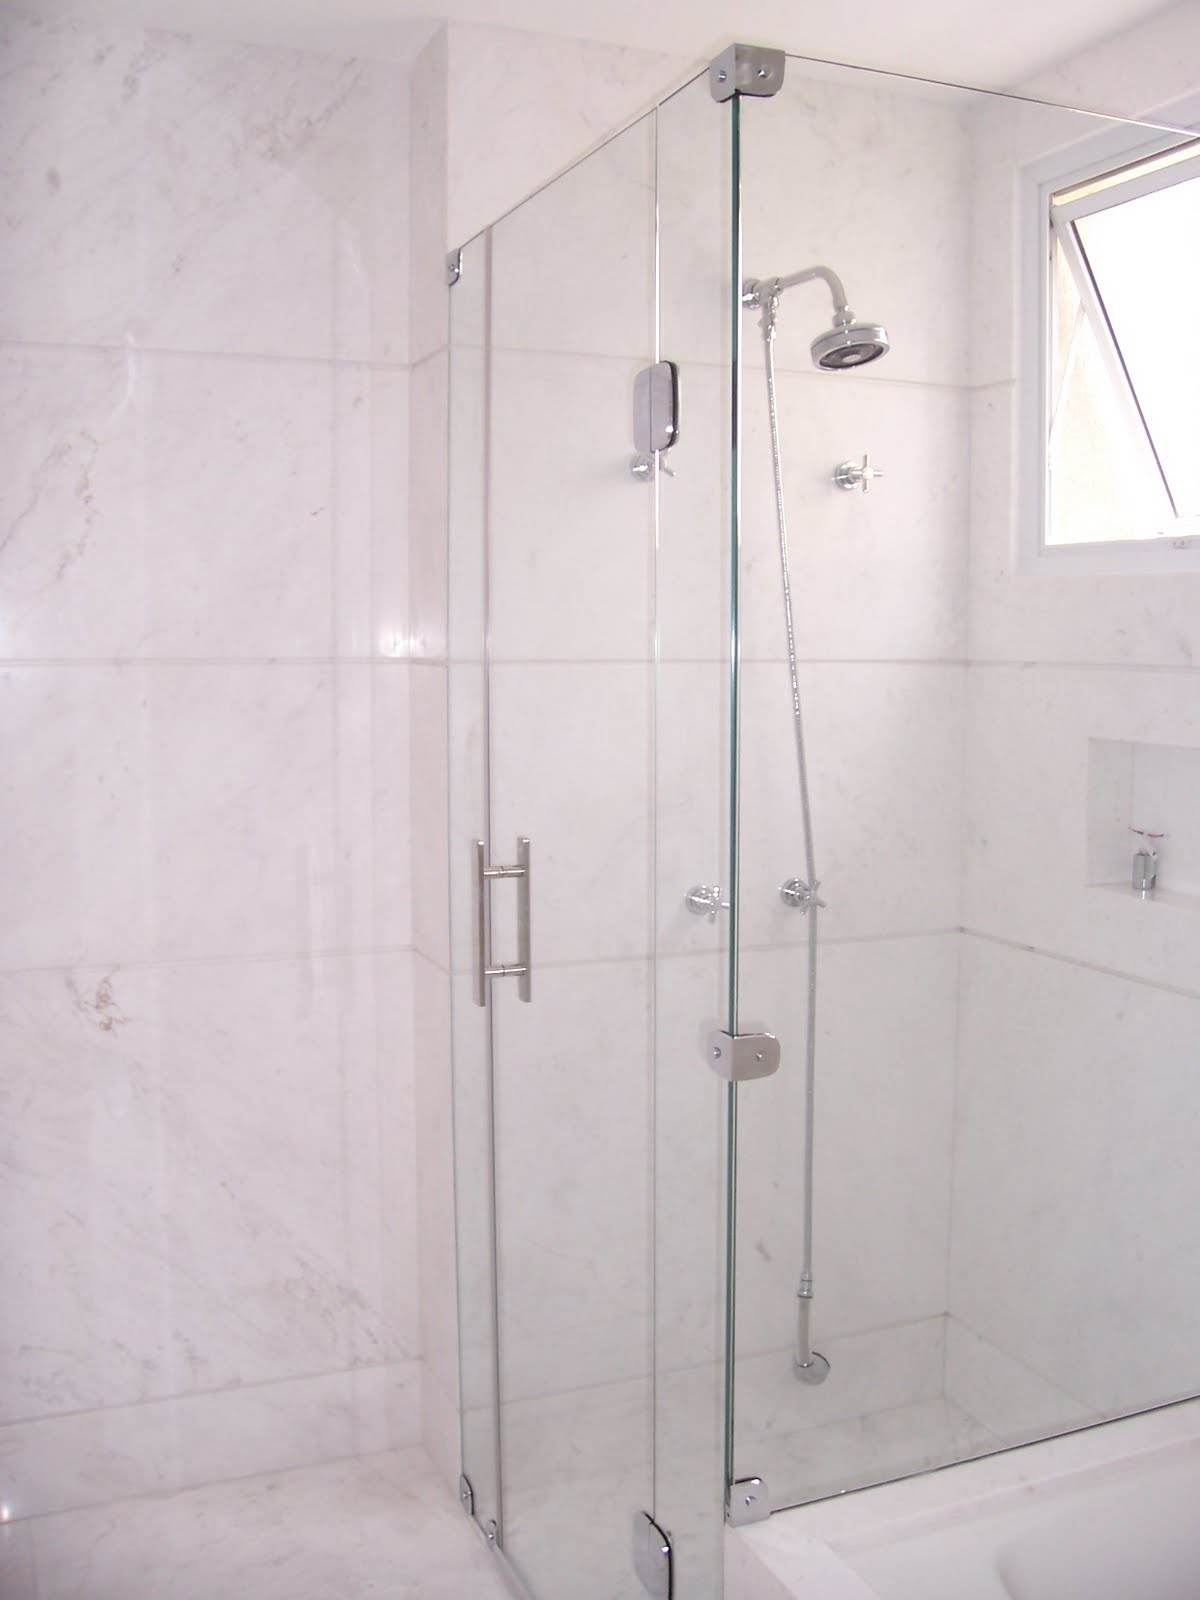 BOX PARA BANHEIRO: Sejam bem vindos! #705C61 1200x1600 Banheiro Box De Canto